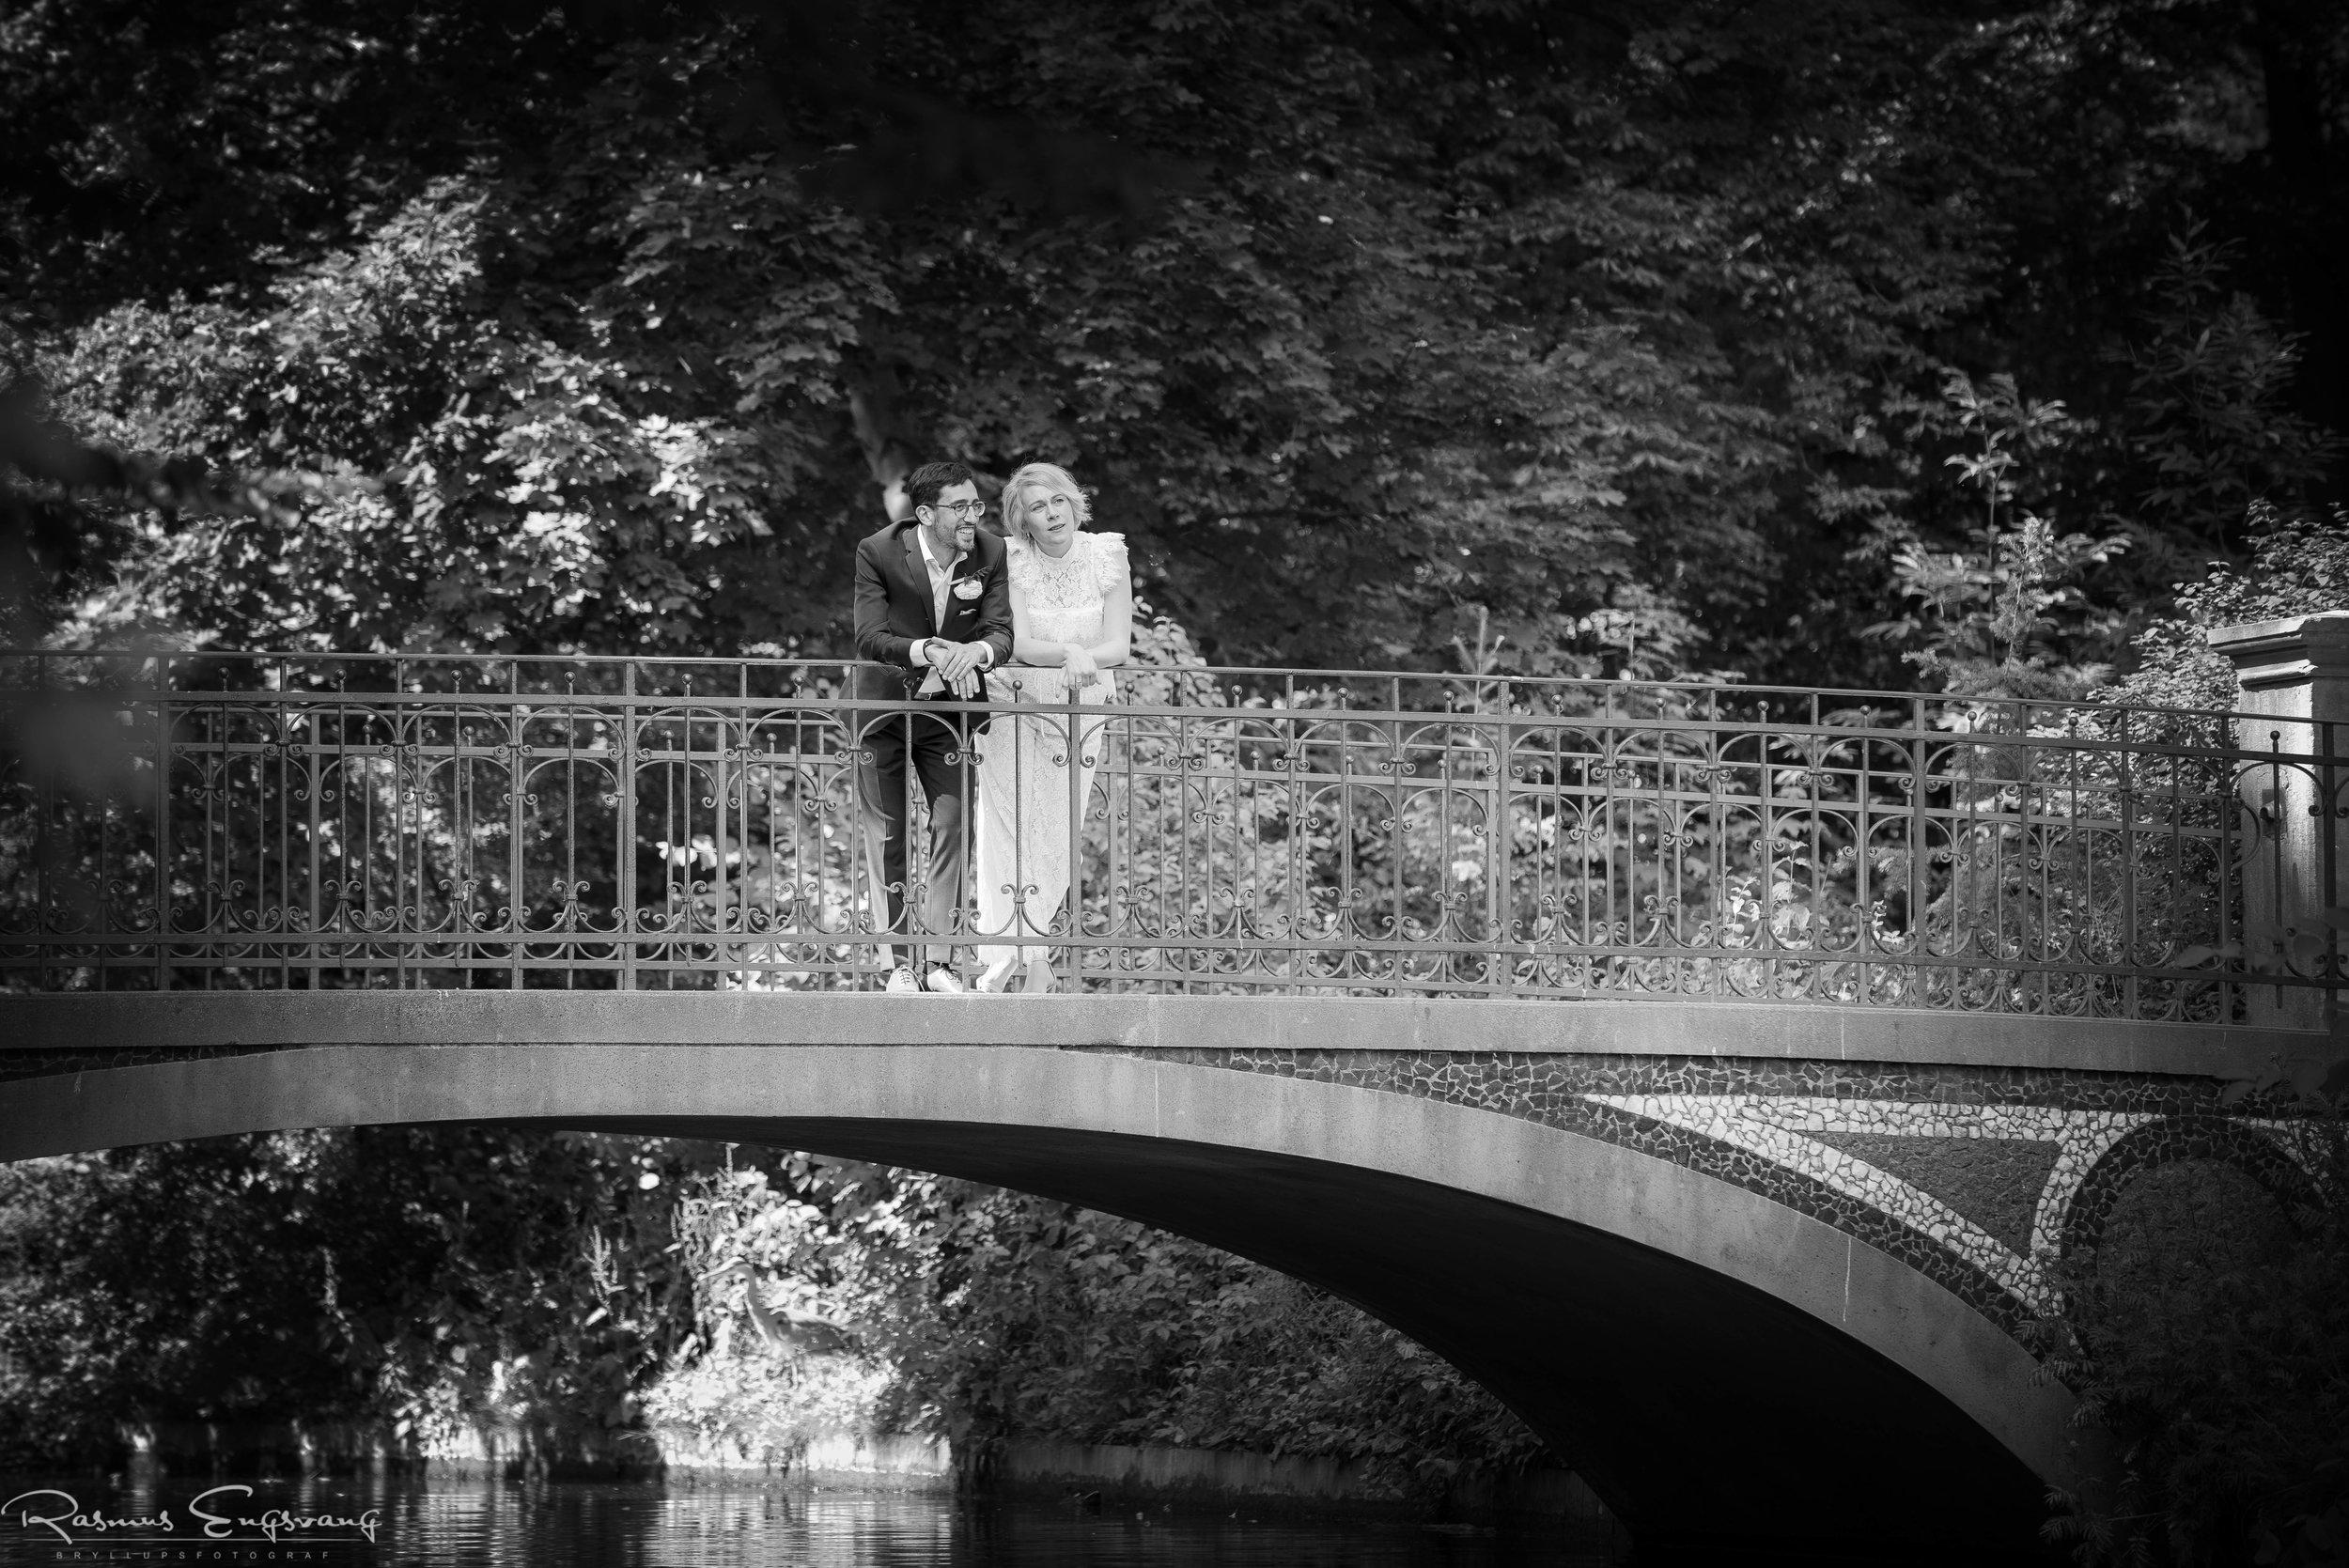 Bryllupsfotograf-København-Rådhus-Frederiksberg-Have-Langelinje-Pavillon-208.jpg